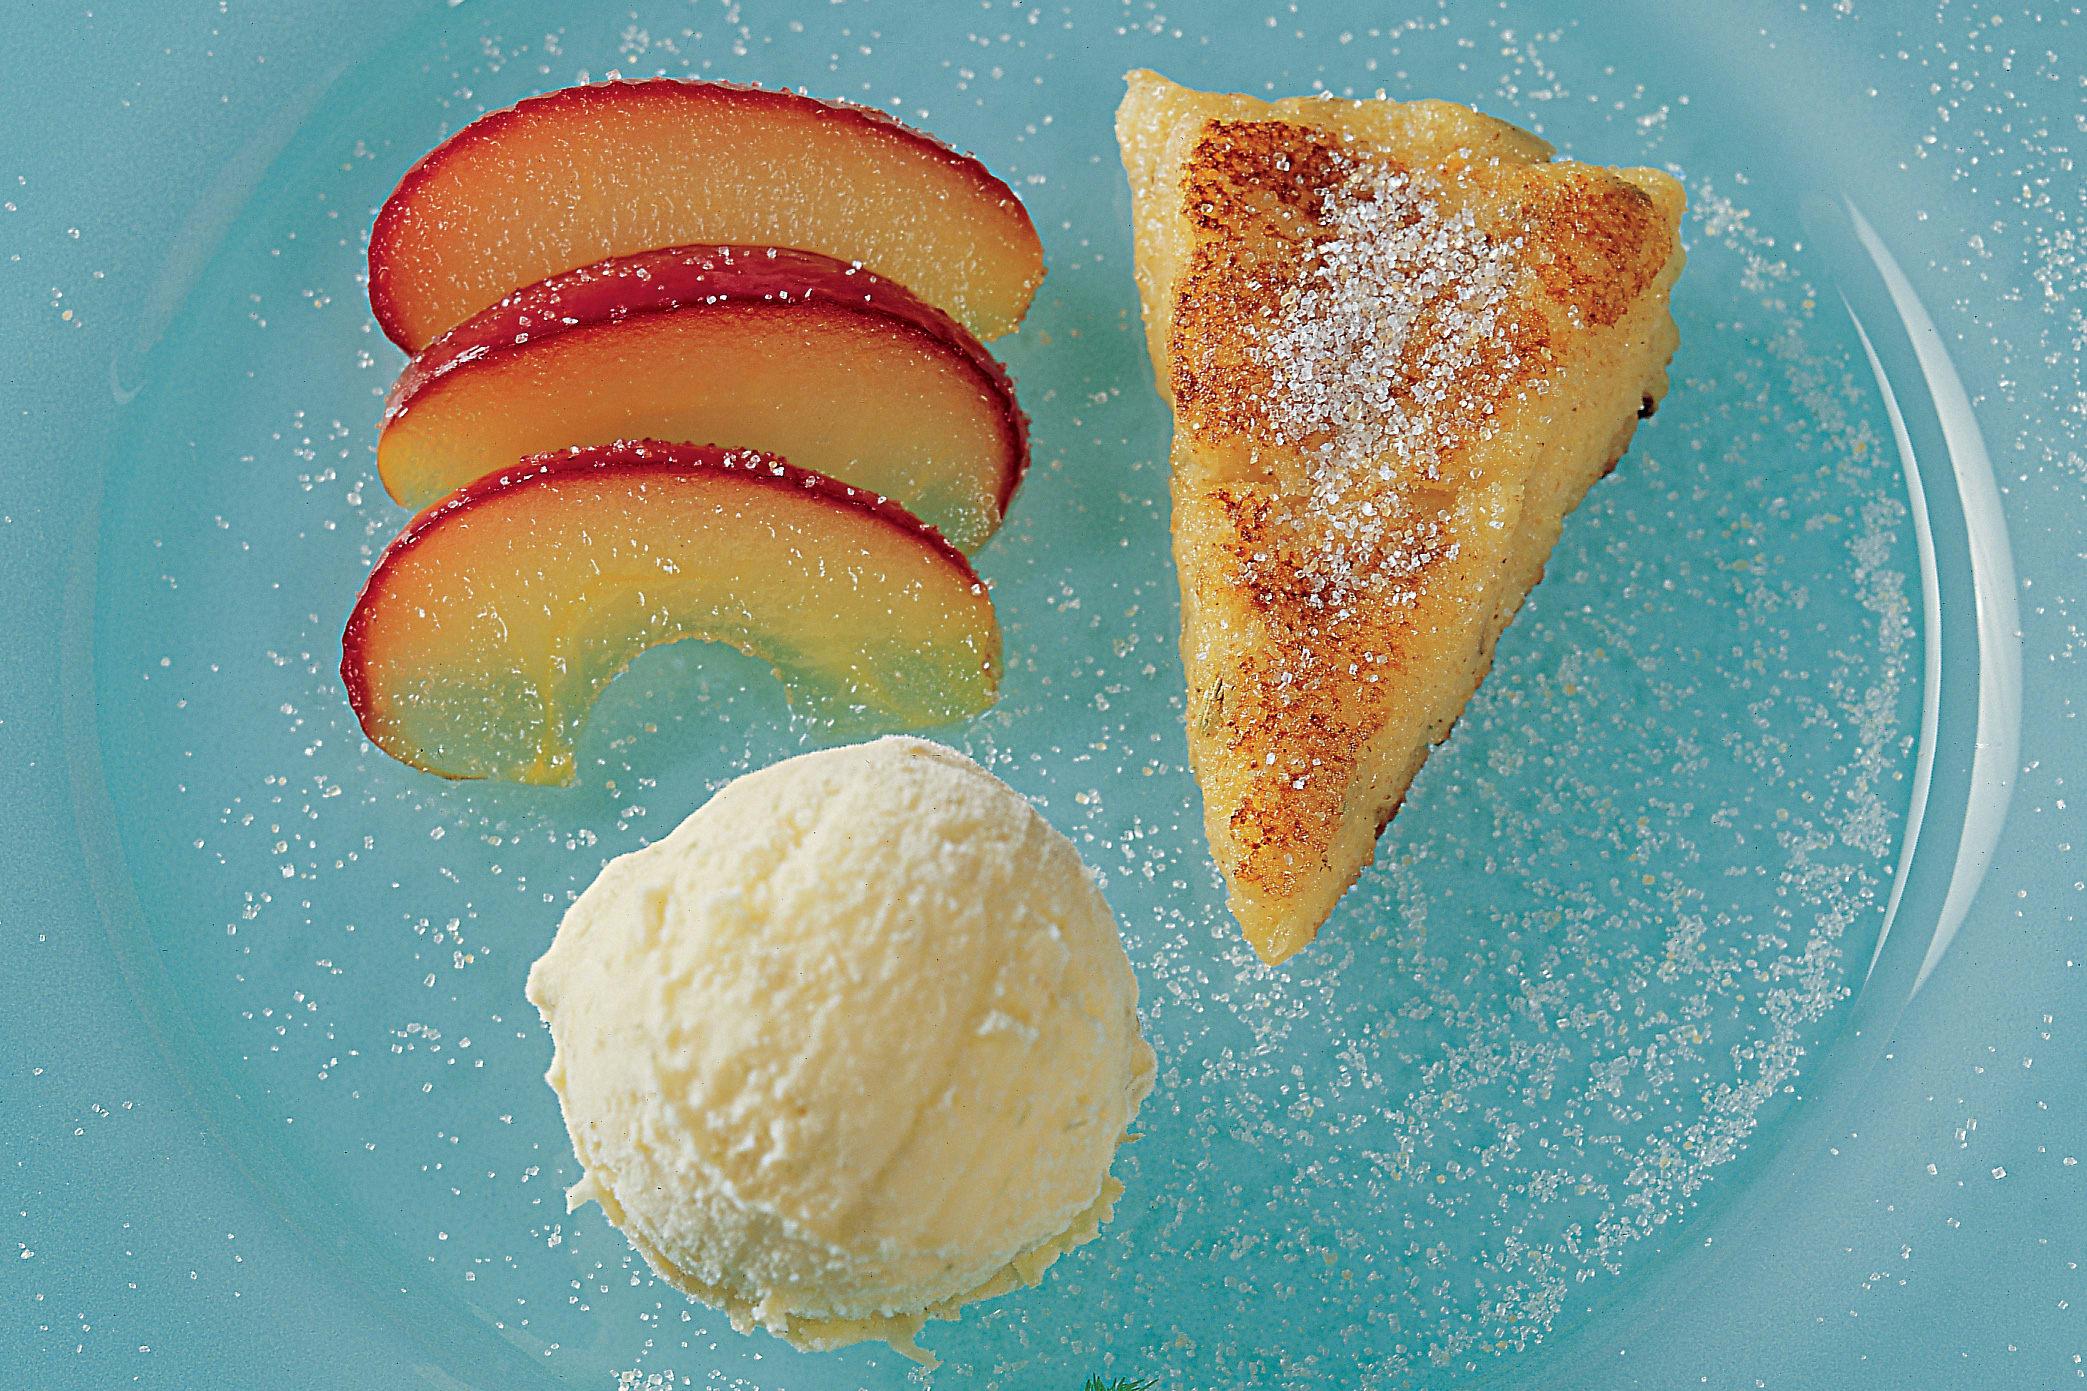 Gâteau de semoule glace au fenouil et compote de pommes